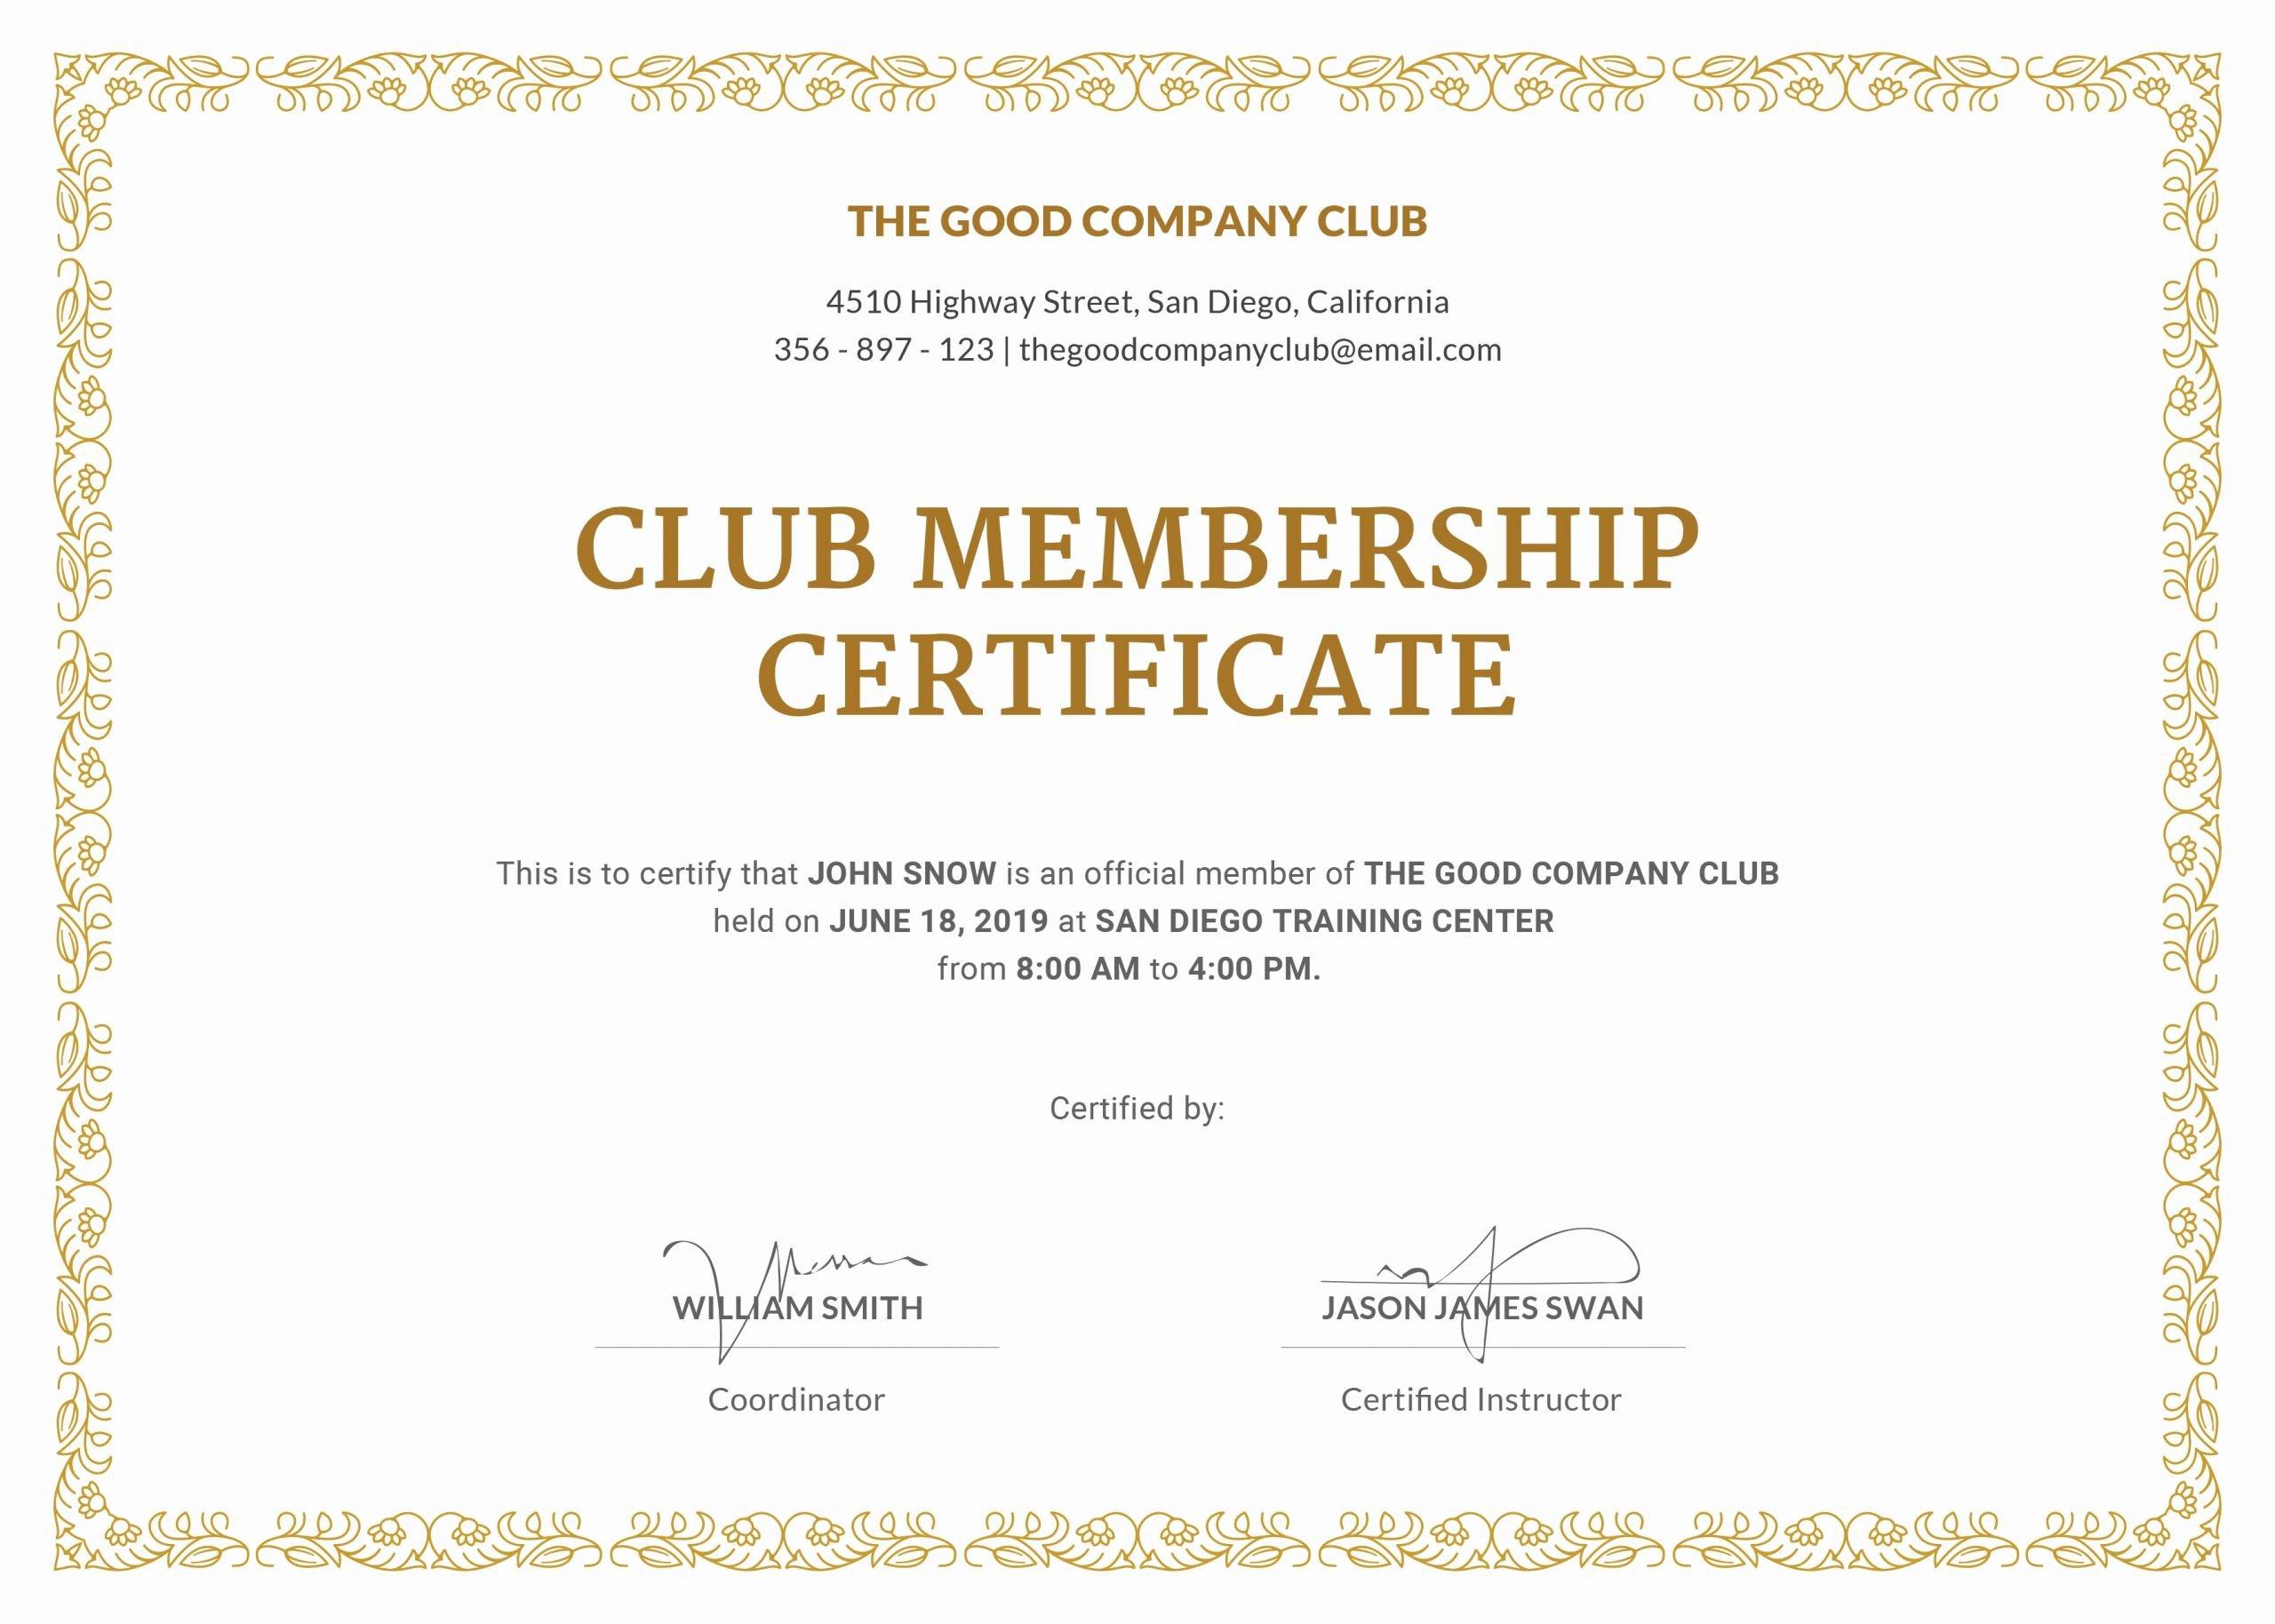 Njhs Certificate Of Membership Template Inspirational Membership Certificate Template